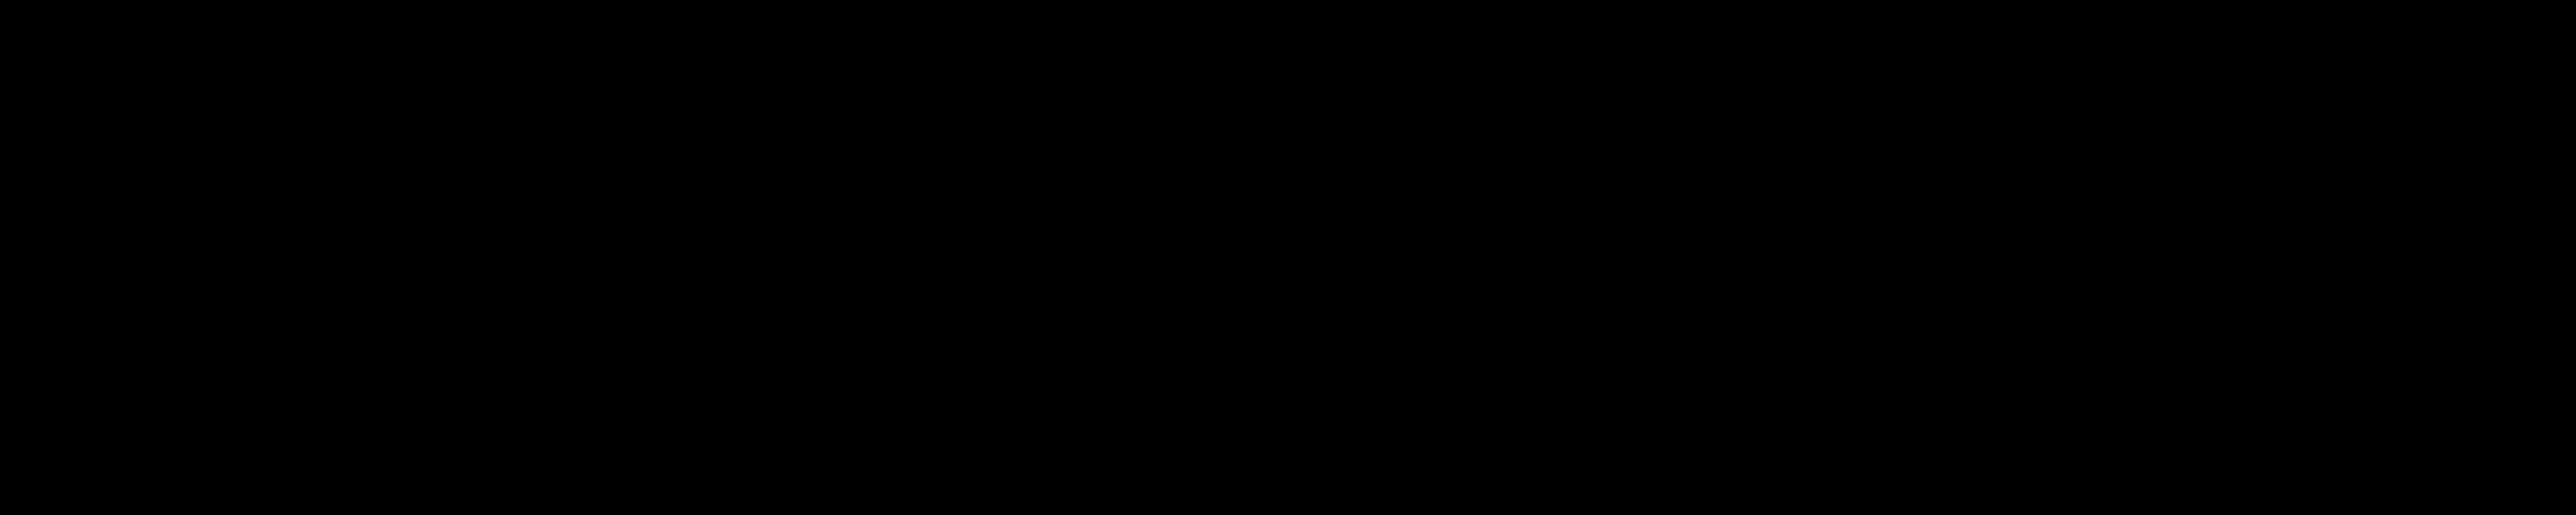 Tesorio logo